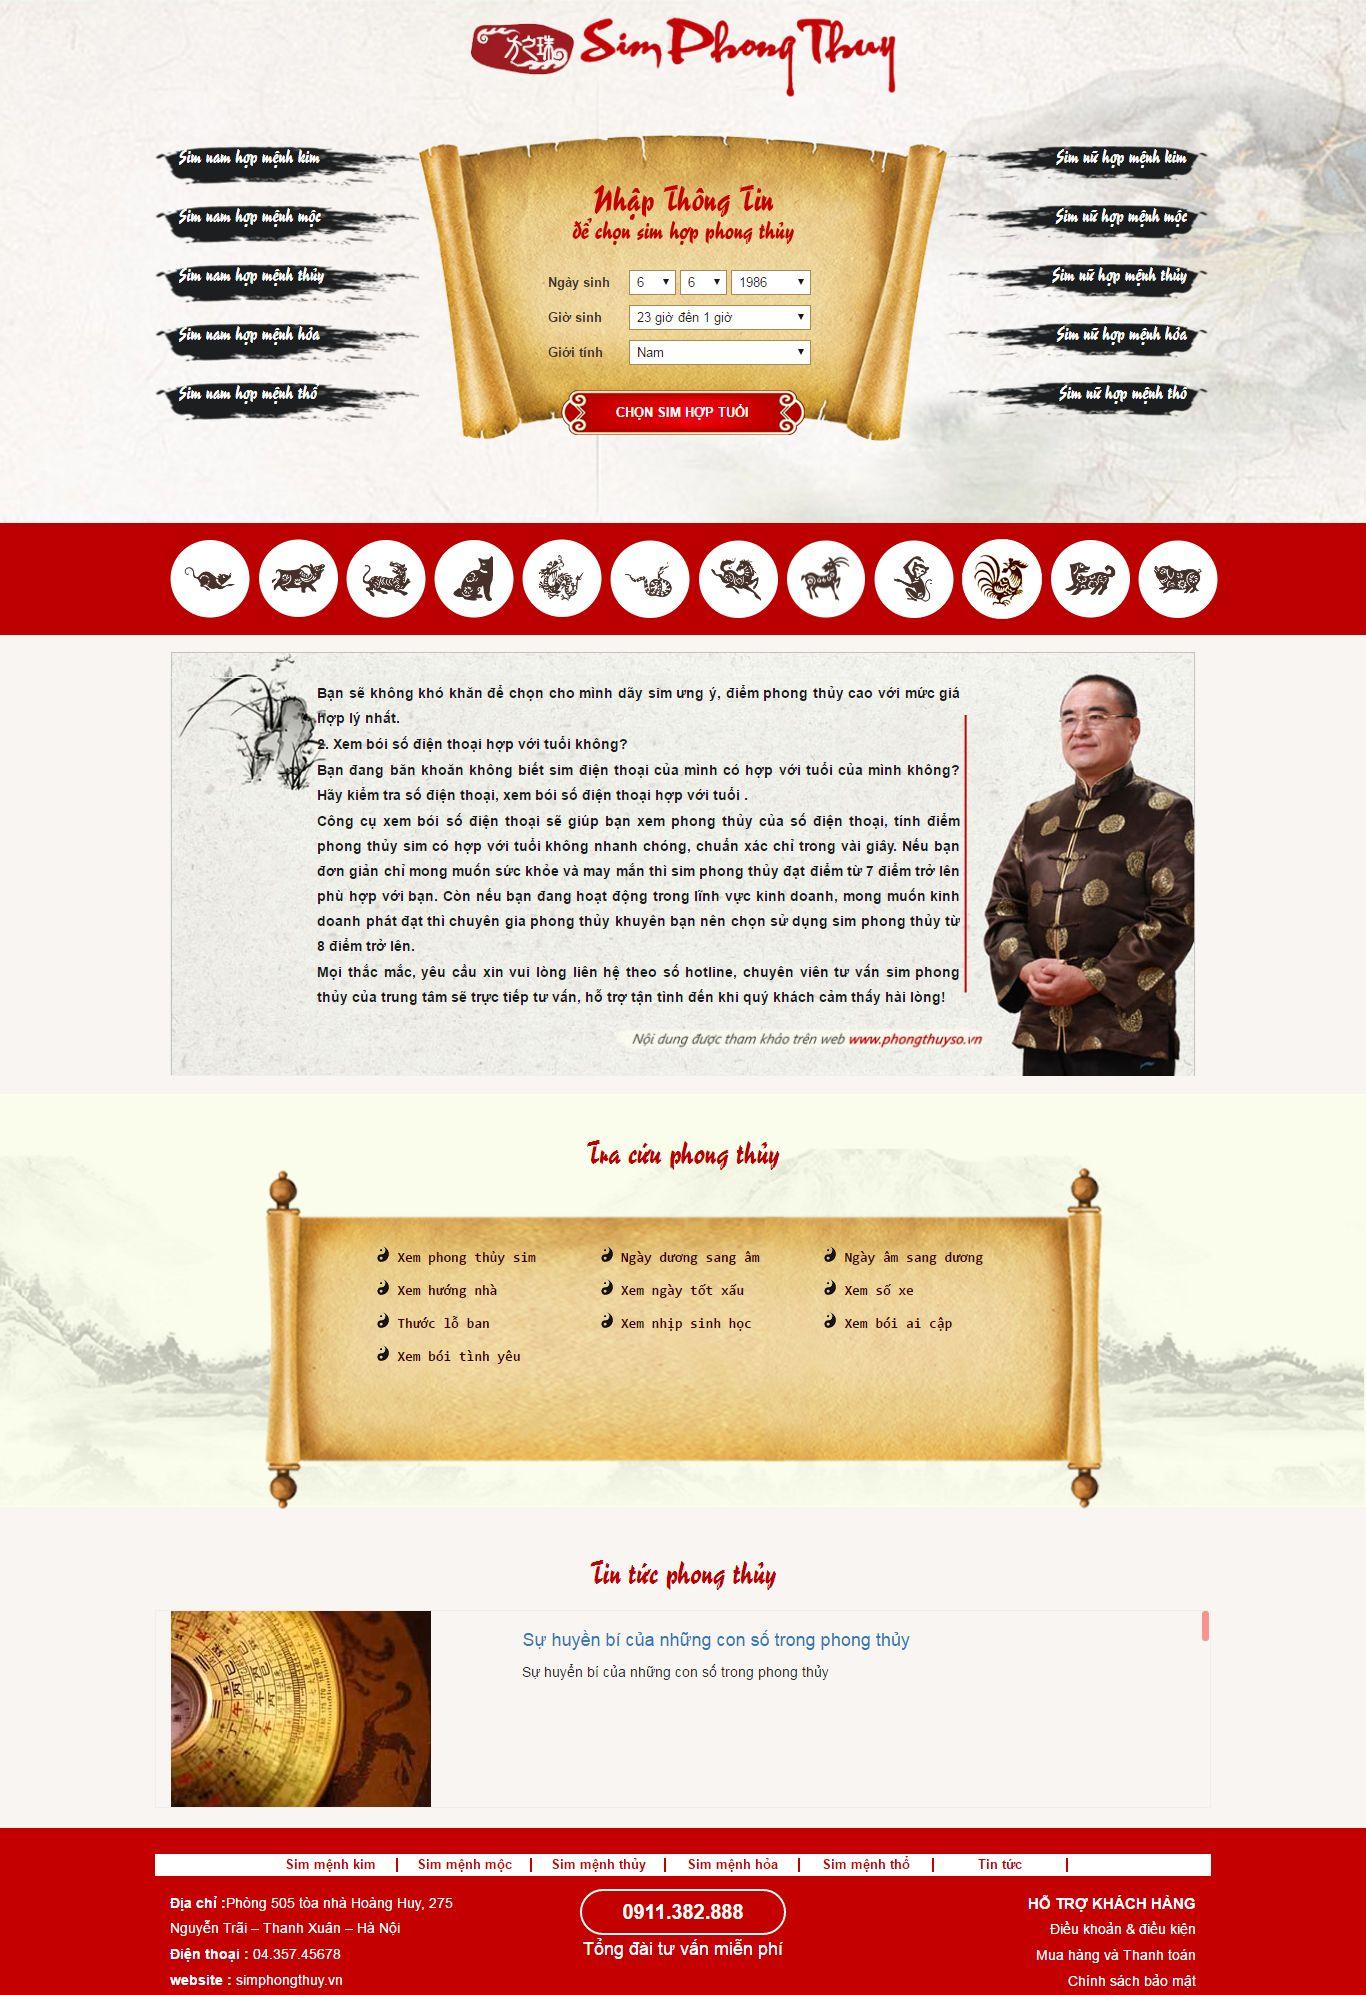 Thiết kế website sim phong thủy đẹp, chuyên nghiệp chuẩn SEO